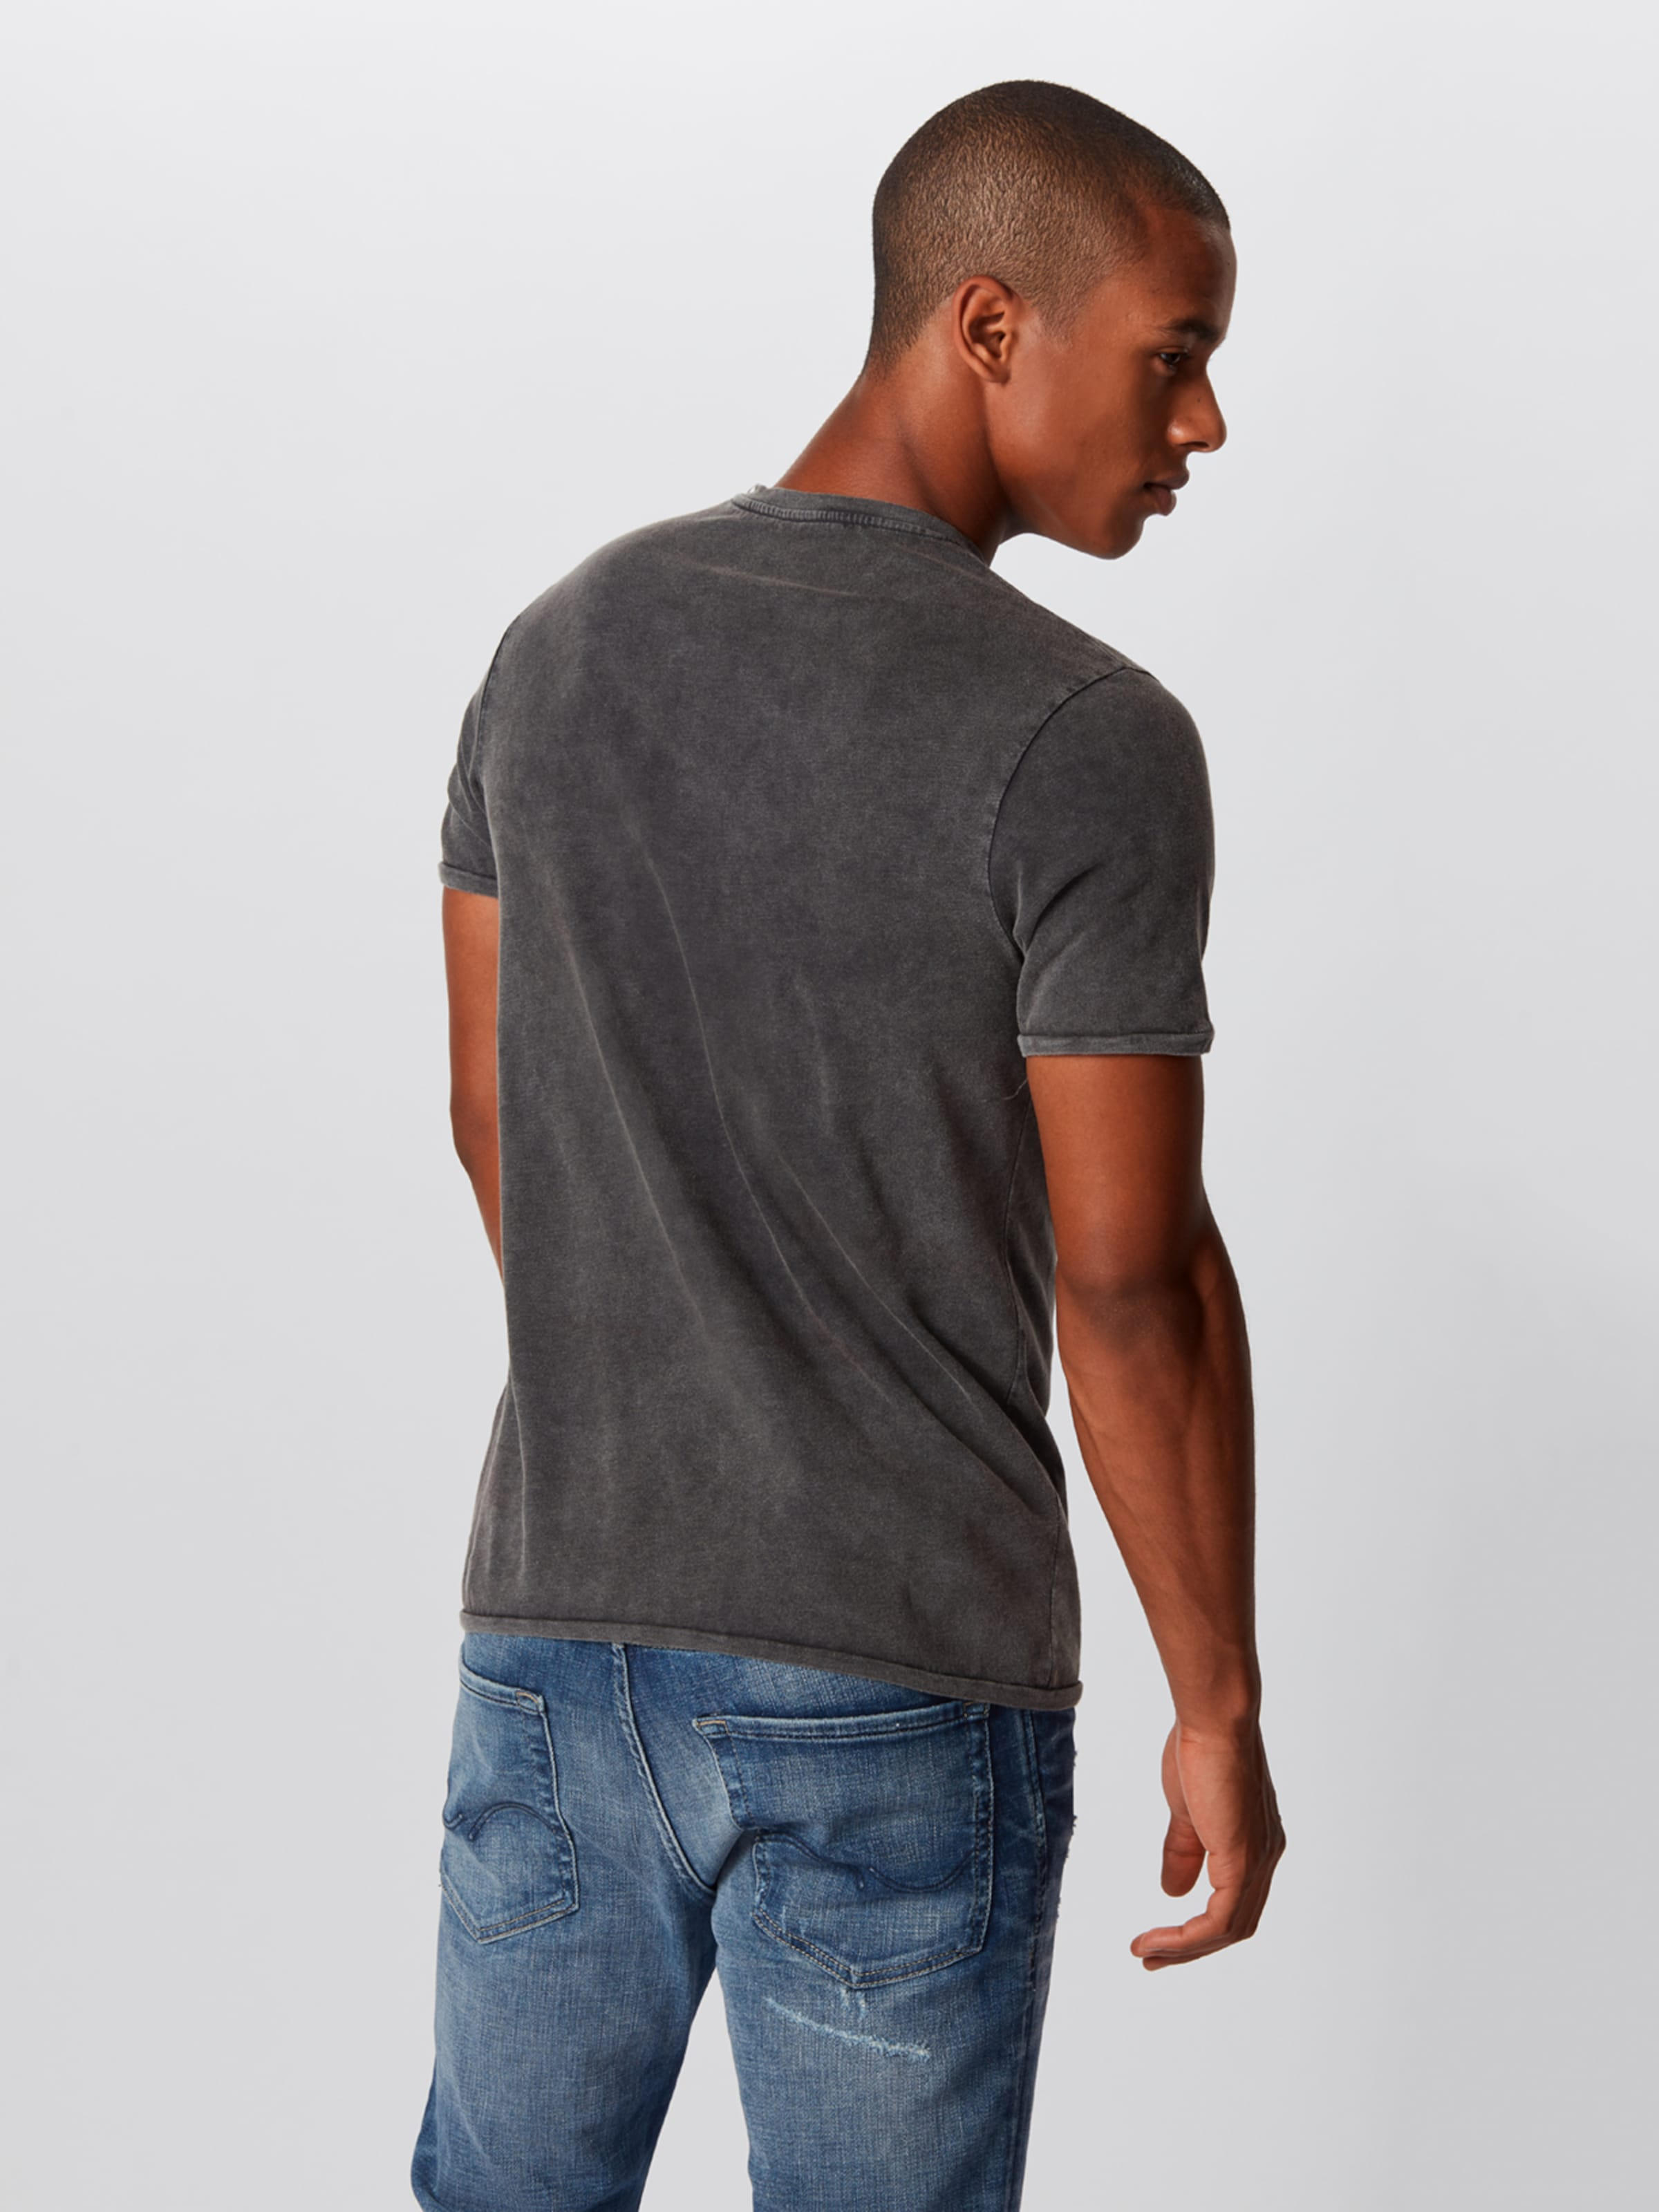 Shirt Schwarz Jackamp; Jones In 'cali' 0nOmNv8wy